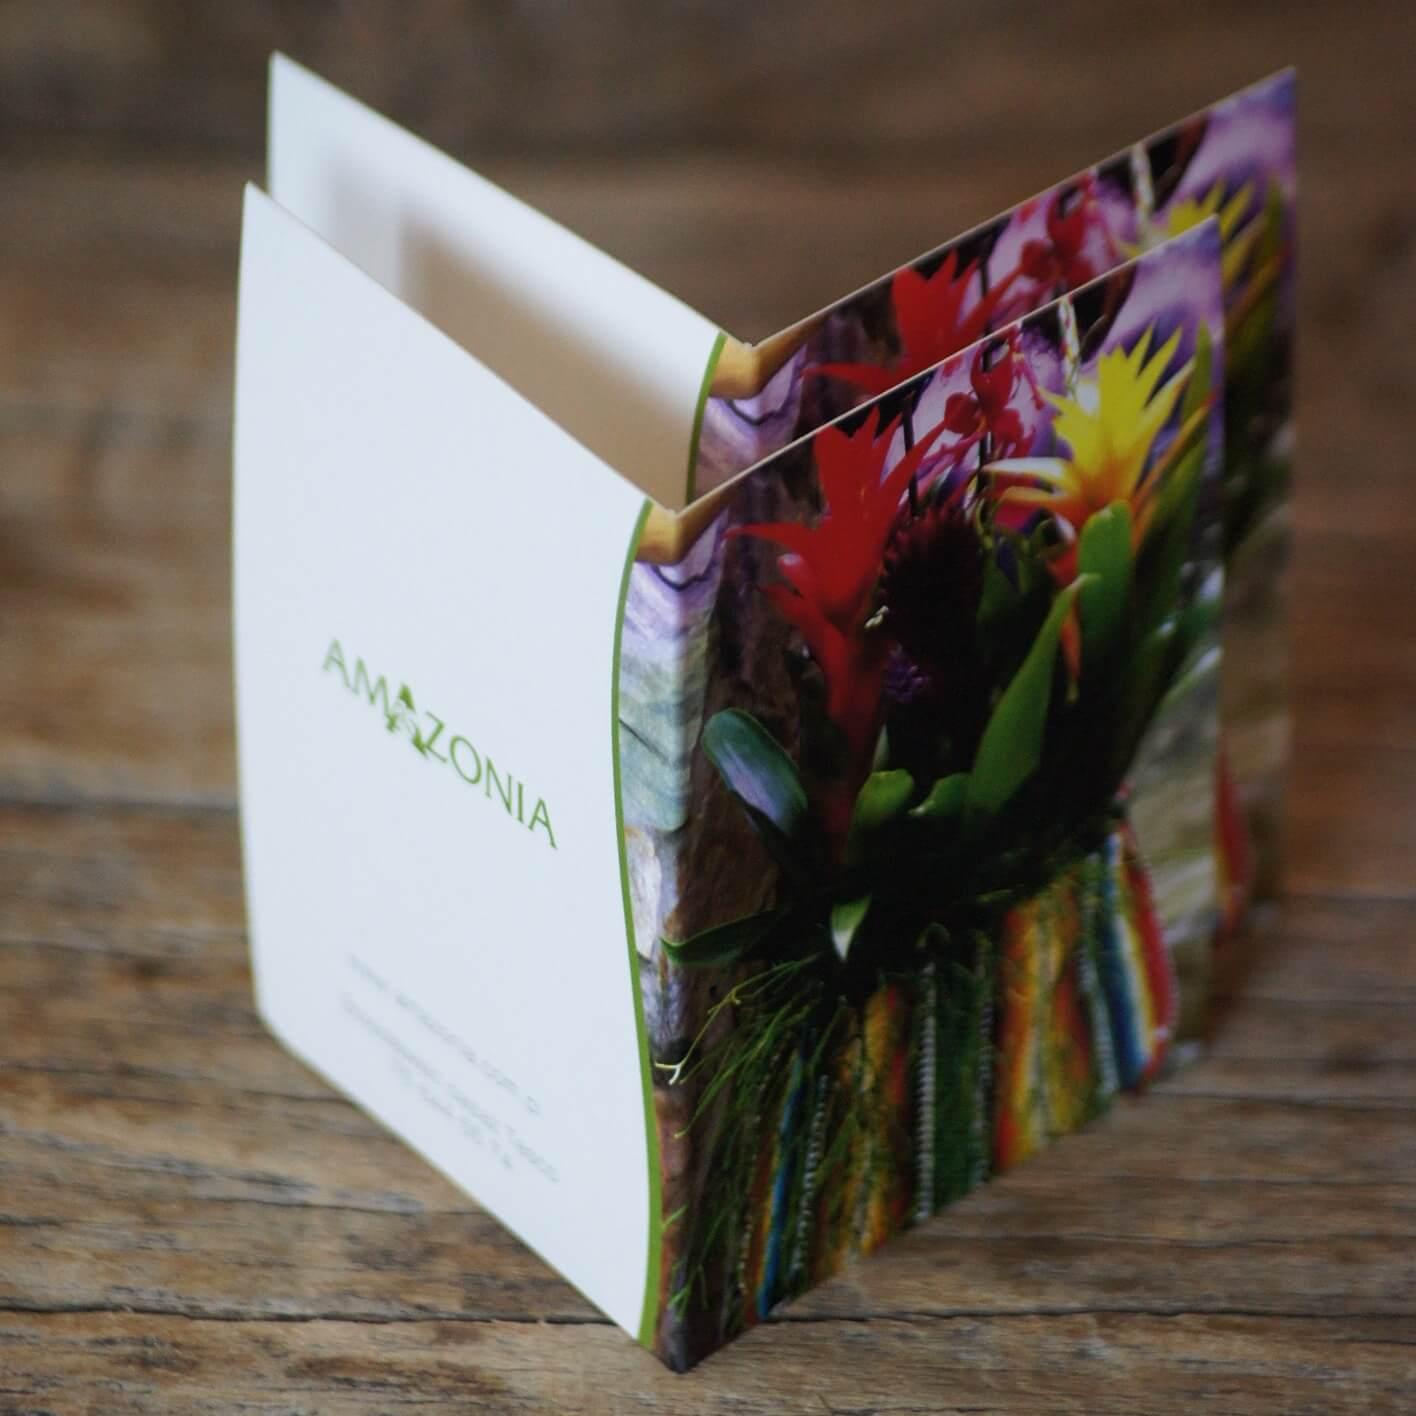 Bileciki do bukietu - przykładowy projekt dla Kwiaciarni Amazonia